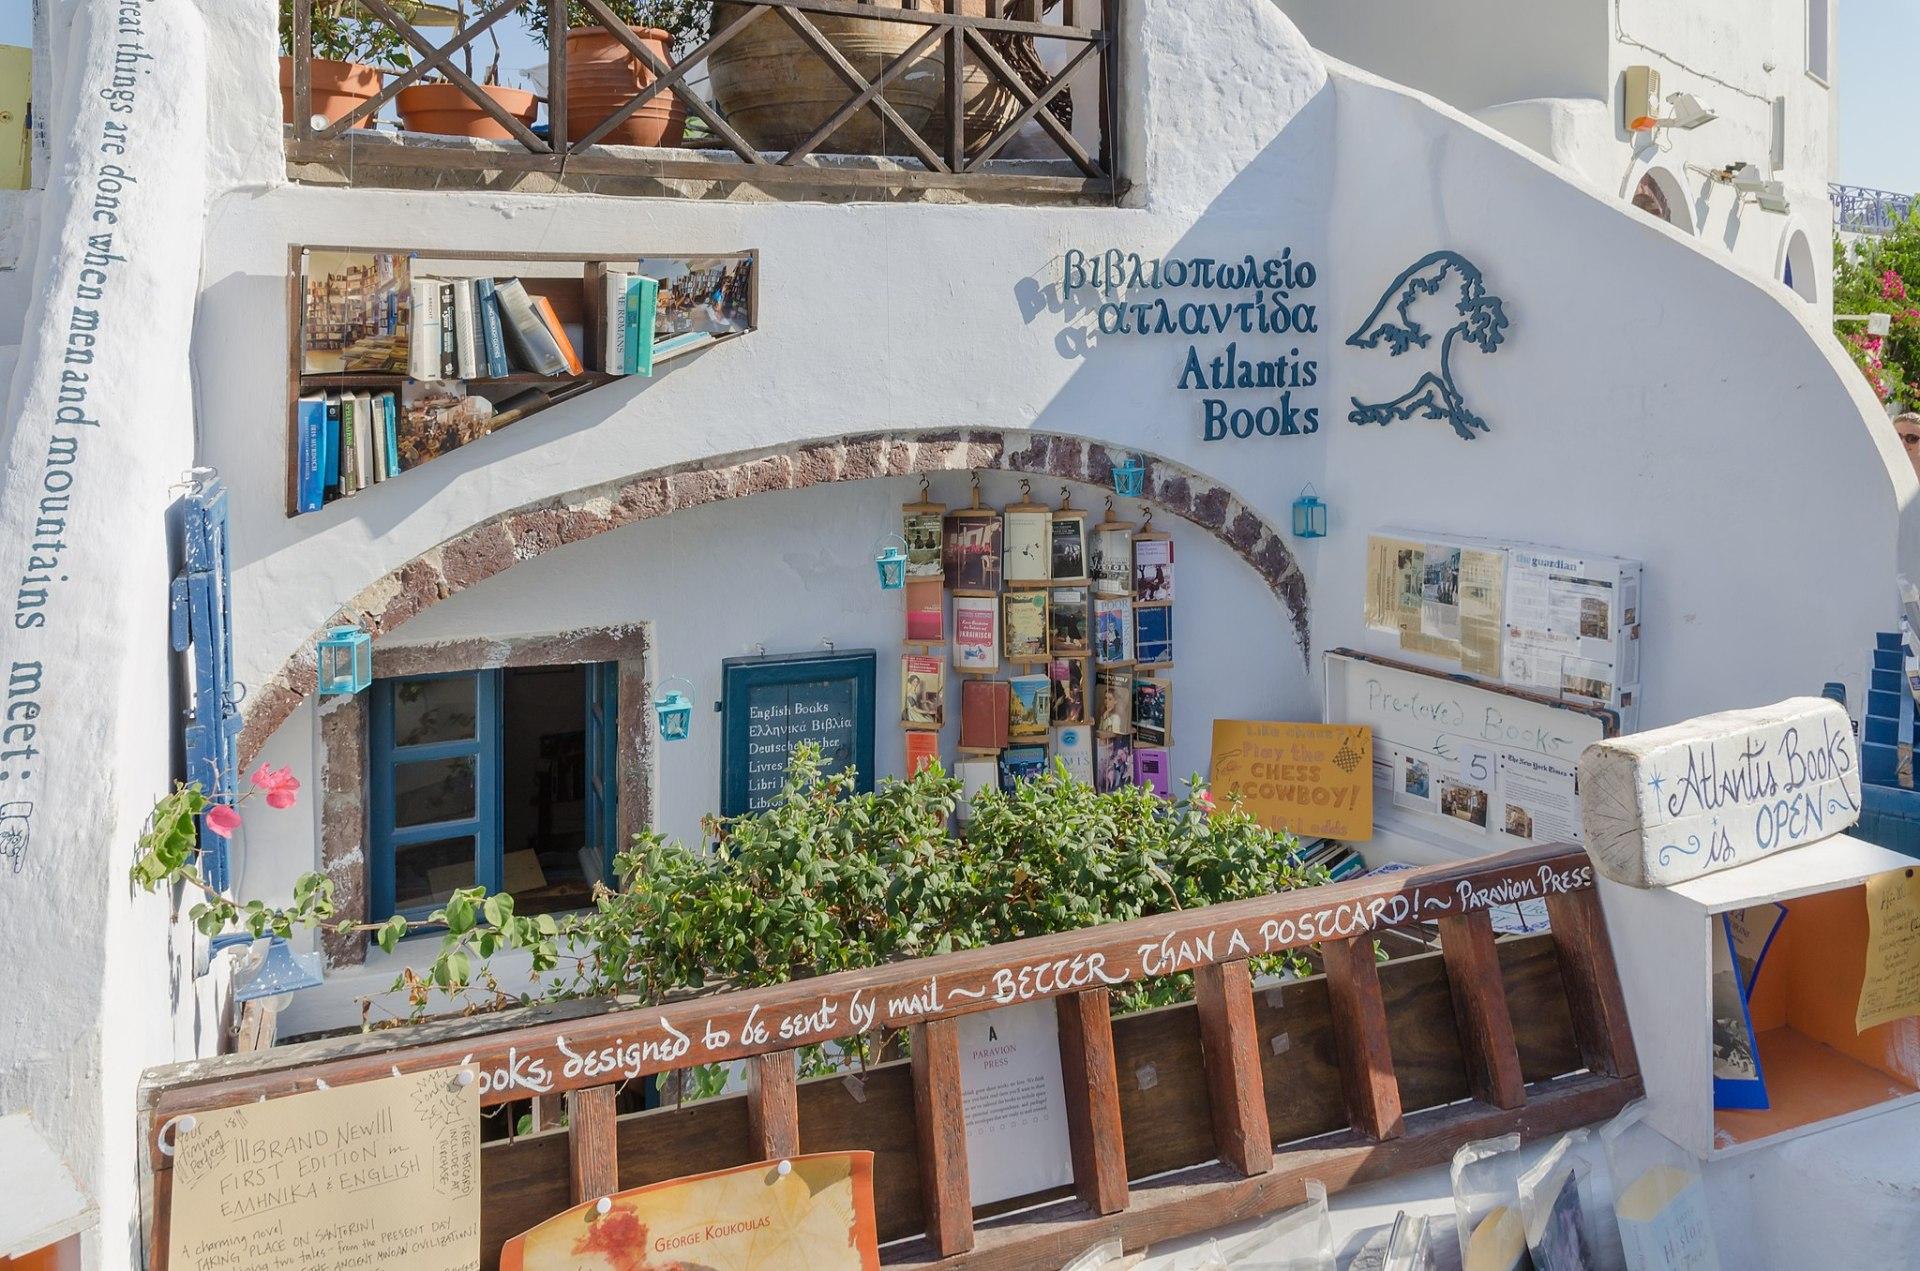 Atlantis Books, Santorini